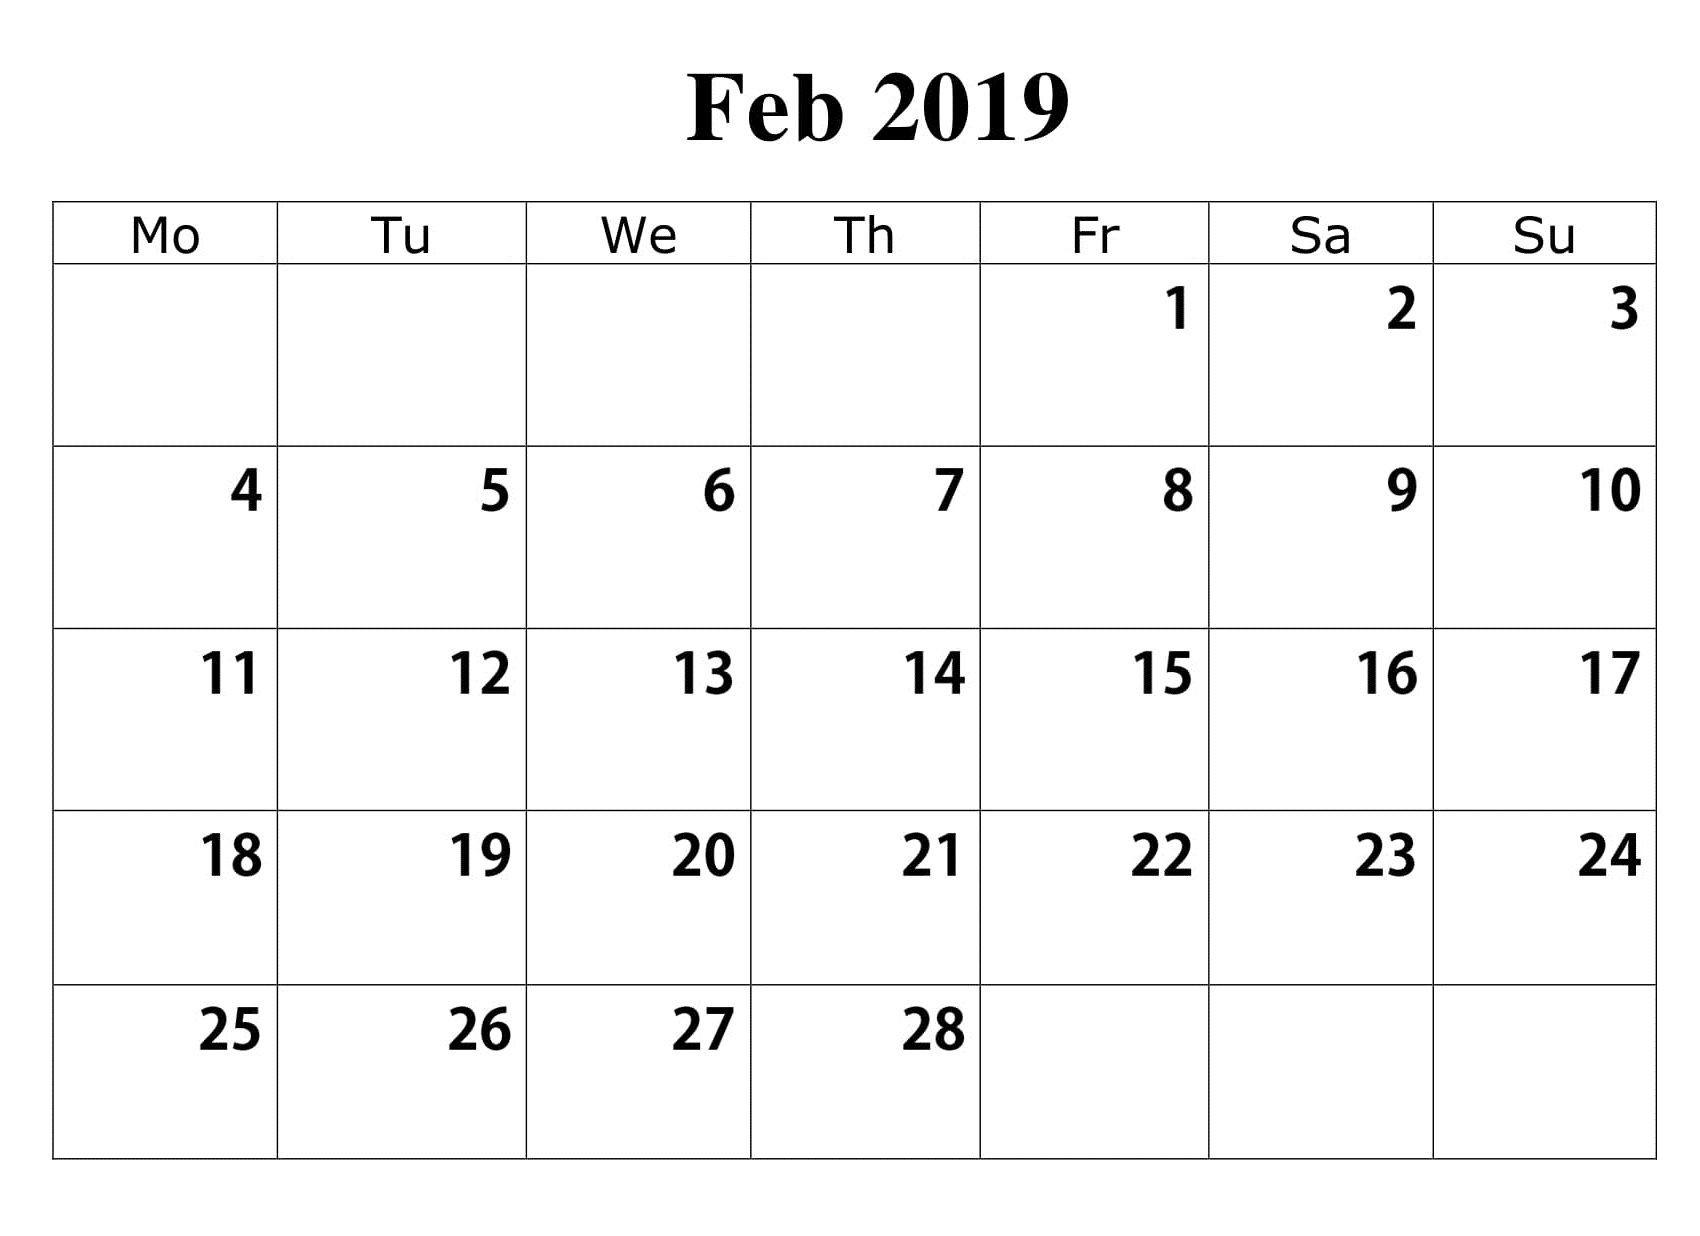 Calendario 2019 Portugues Para Imprimir Com Feriados Más Recientes Calendario 2019 Fevereiro Marco February 2019 Calendar T Of Calendario 2019 Portugues Para Imprimir Com Feriados Mejores Y Más Novedosos Abril 2019 Con Festivos Word Calendario T